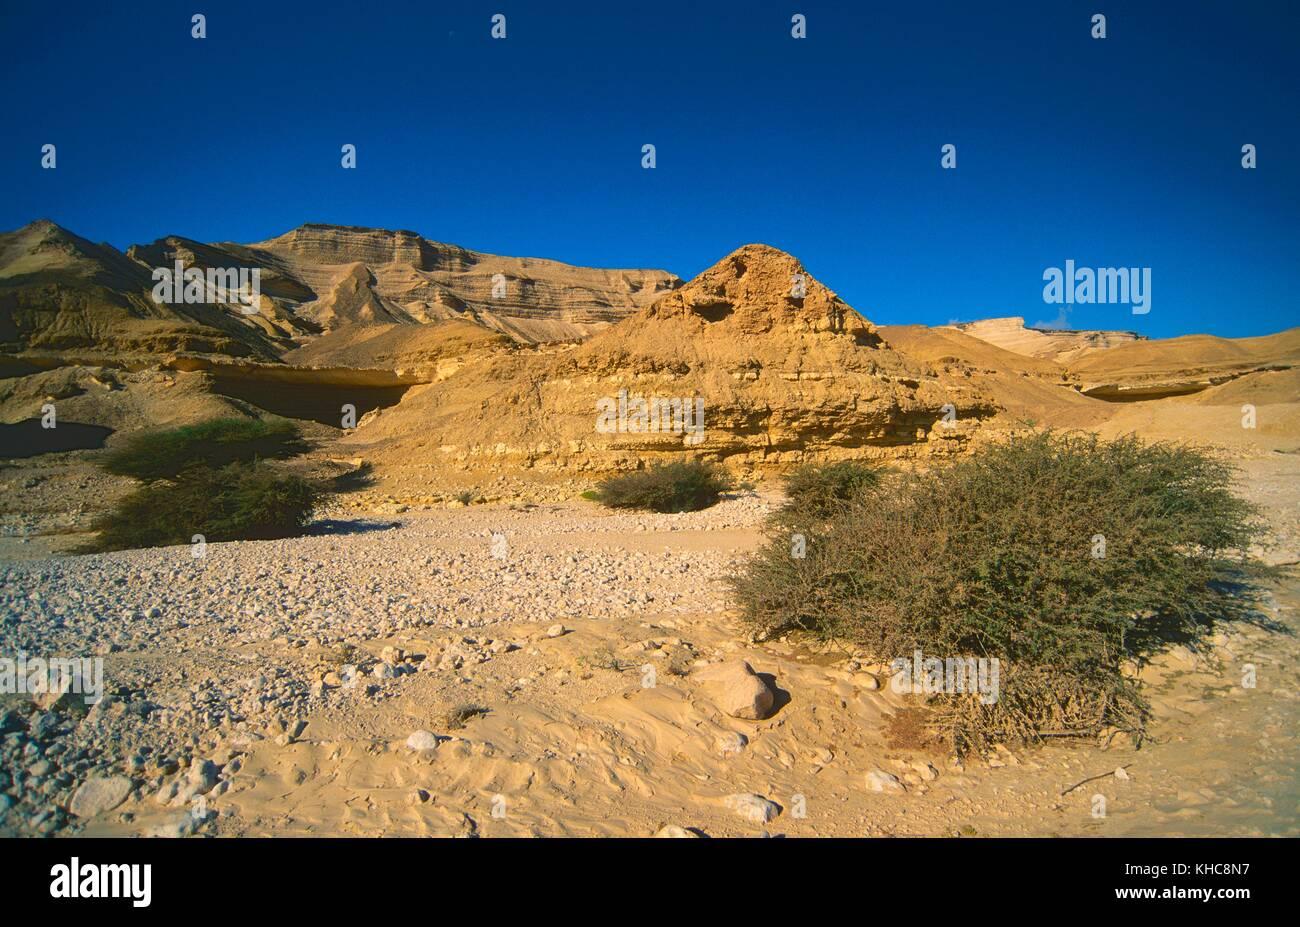 Wadi, Wadi Ash Shuwaymymiyah, desert, mountains, rock faces, Acacias, Oman *** Local Caption *** Wadi, Wadi Ash - Stock Image